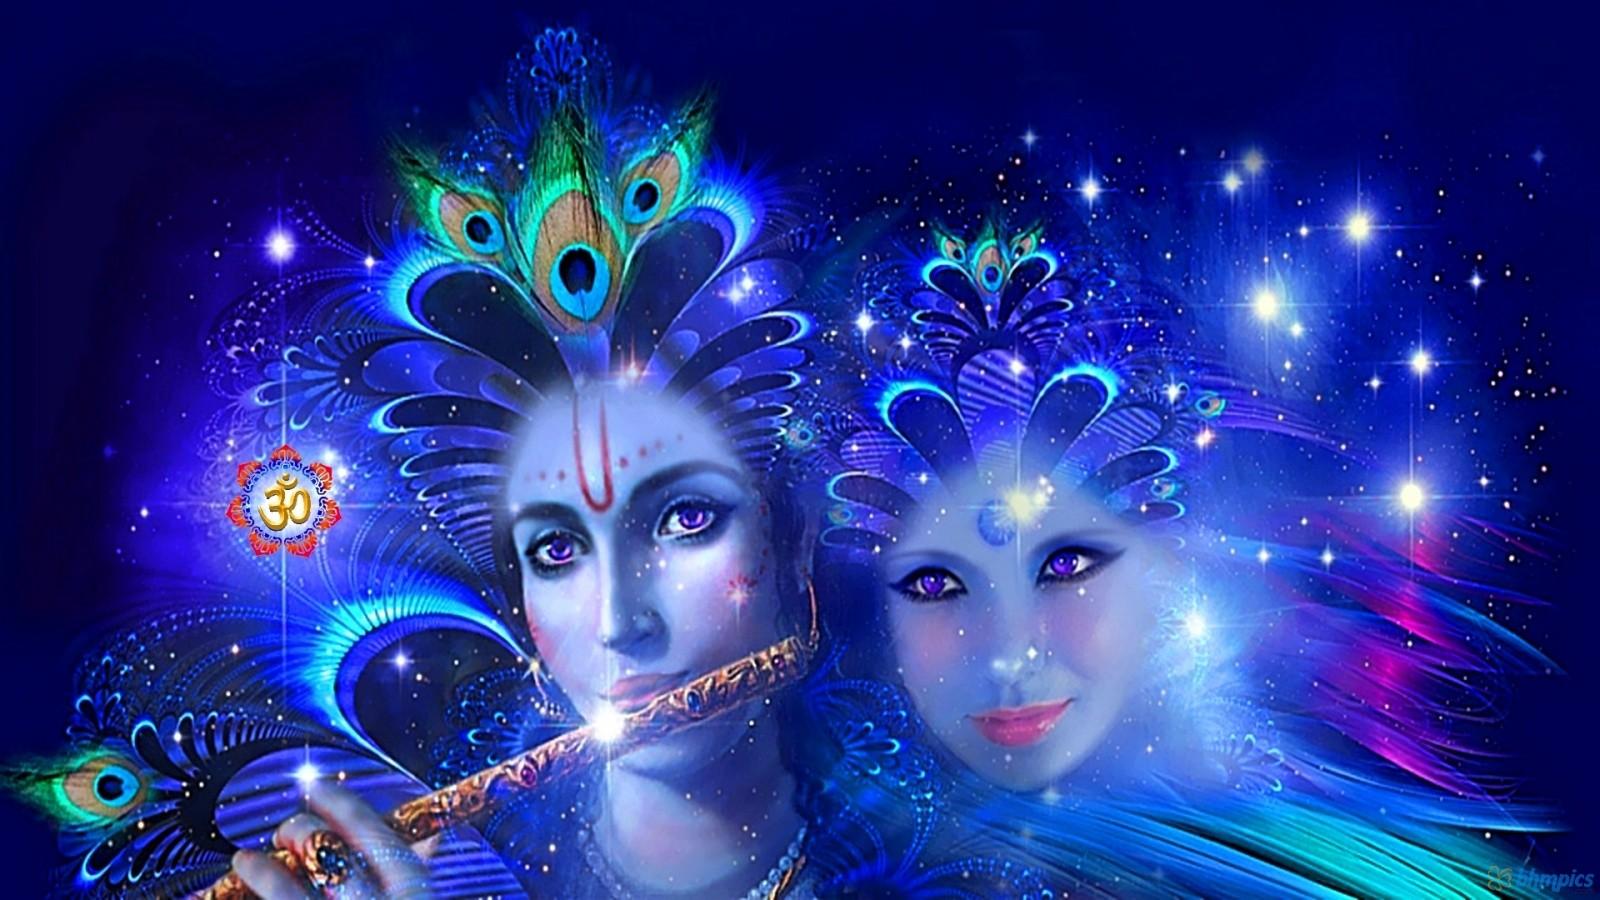 3D HD Radha Krishna Wallpaper Desktop HD Wallpaper